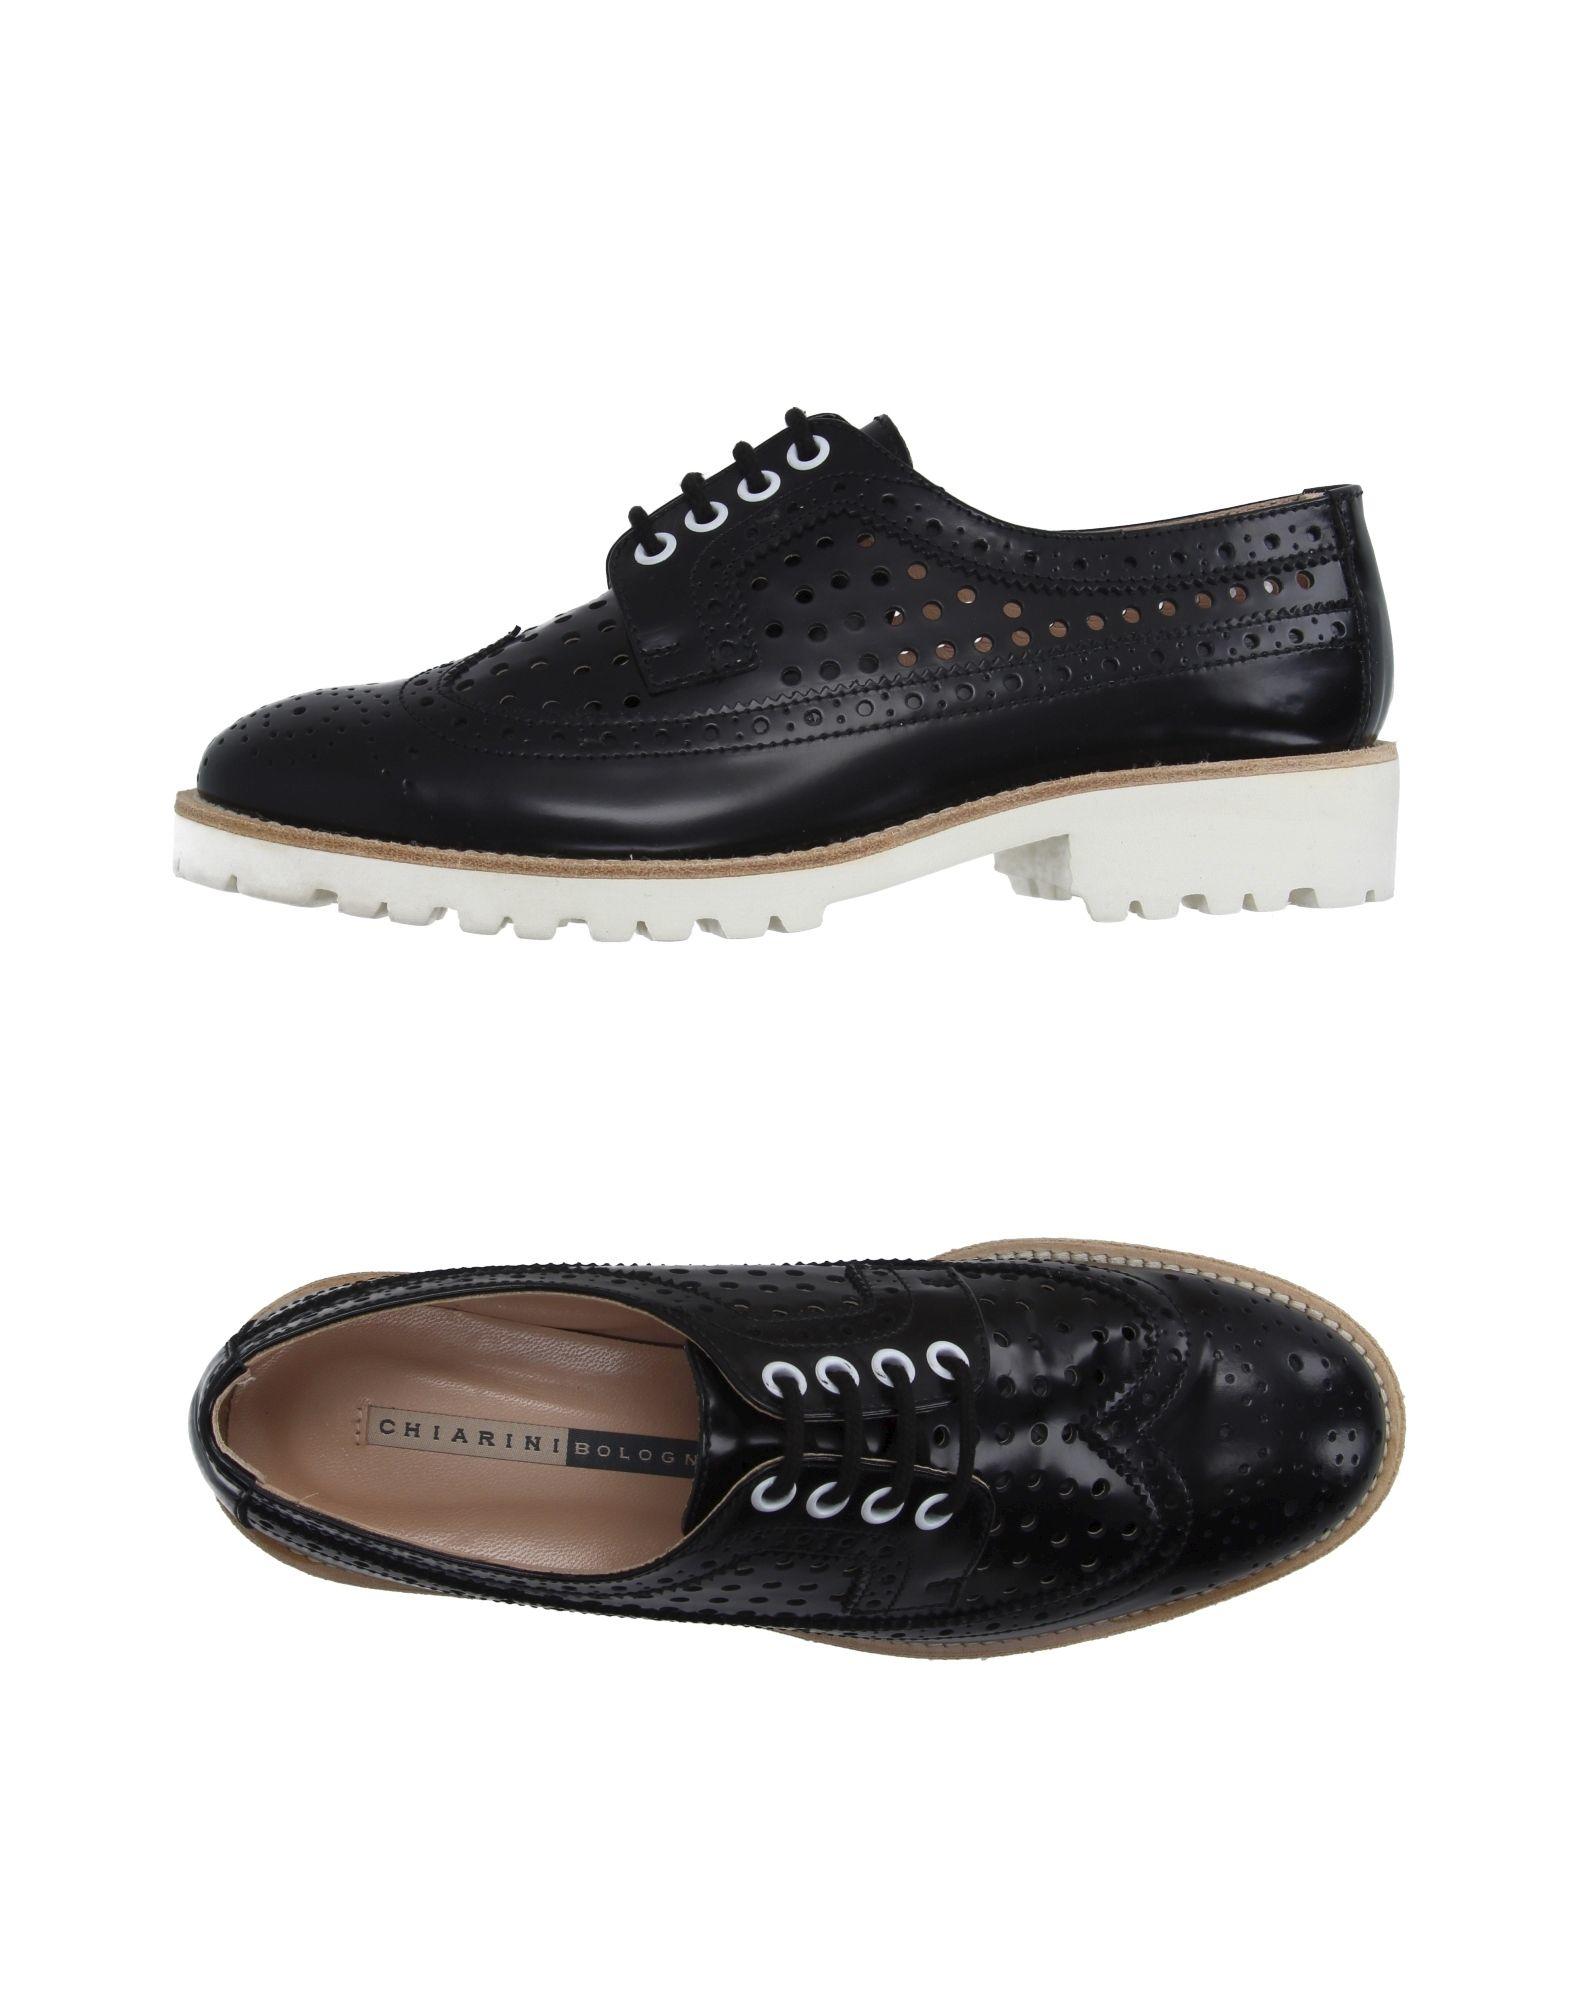 Chaussure Chiarini Bologne Lacets w5vJw6sI